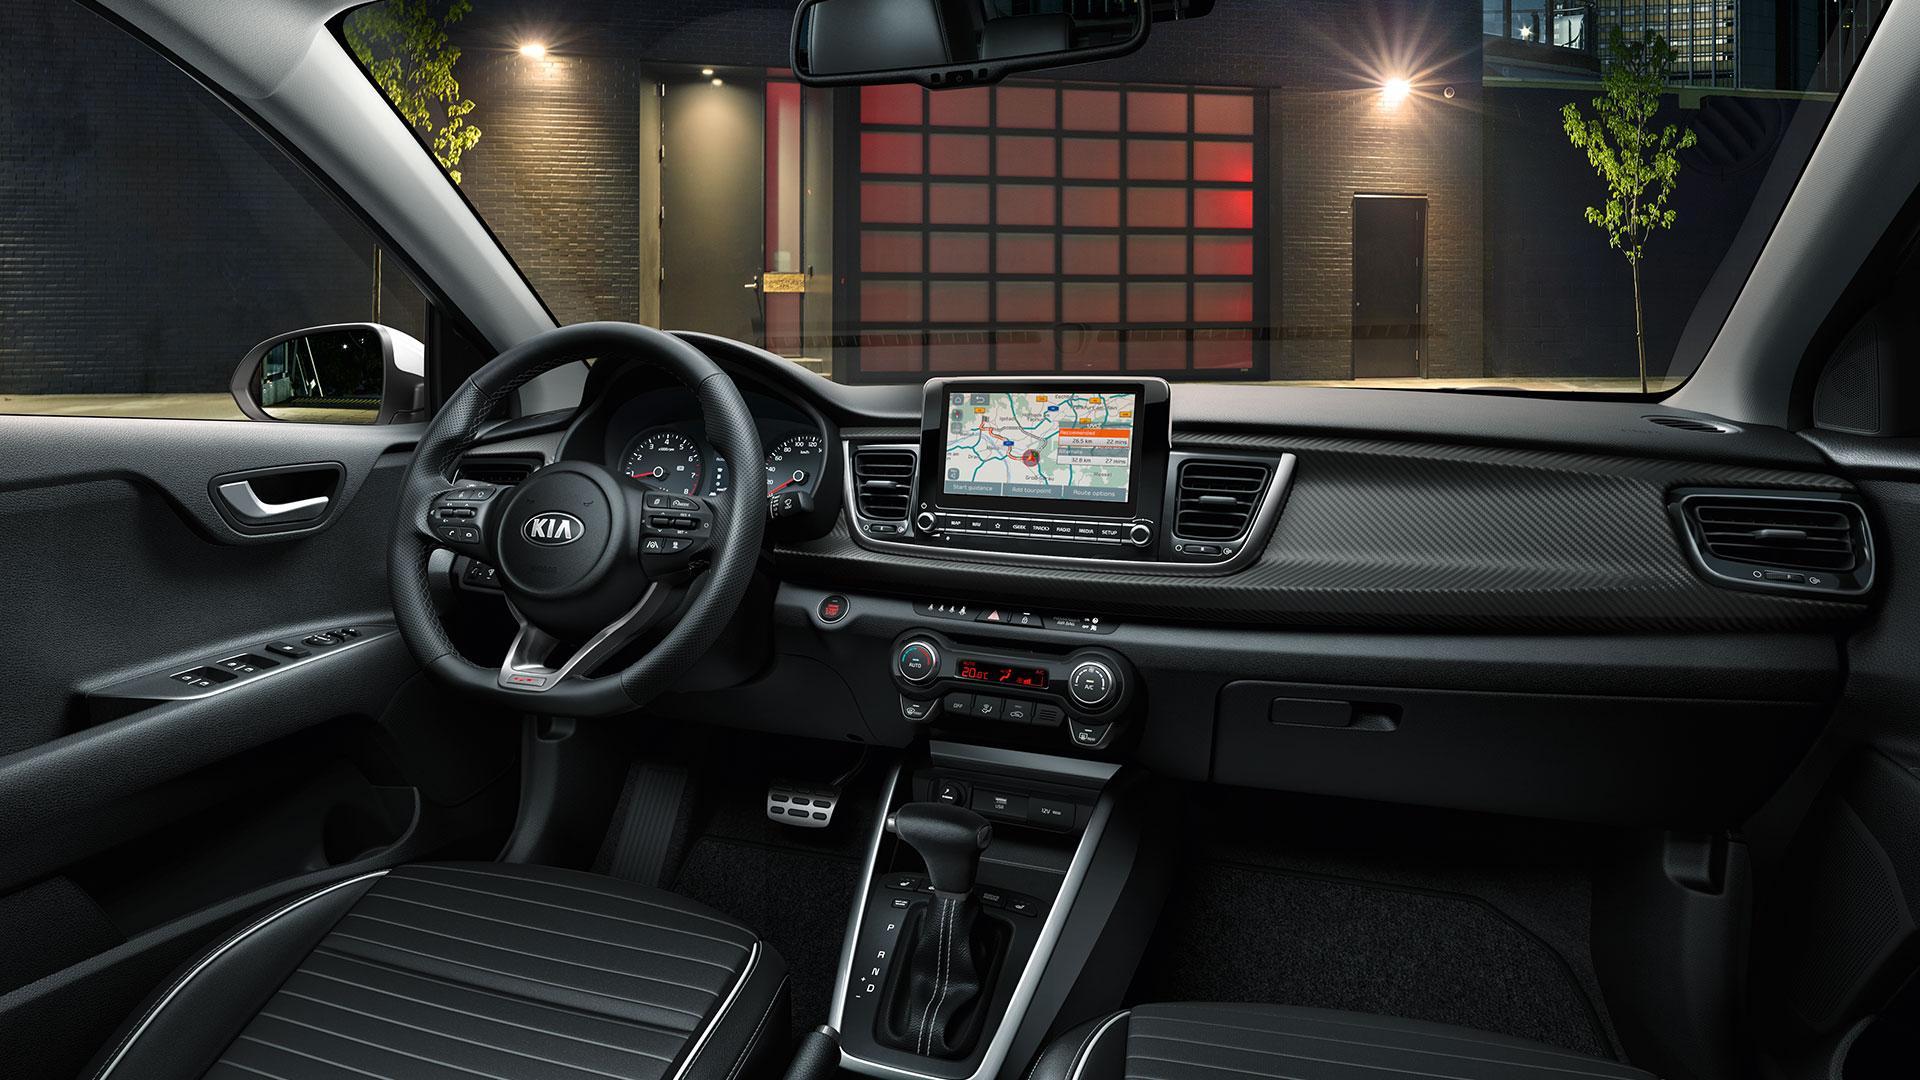 interieur Kia Rio Facelift 2020